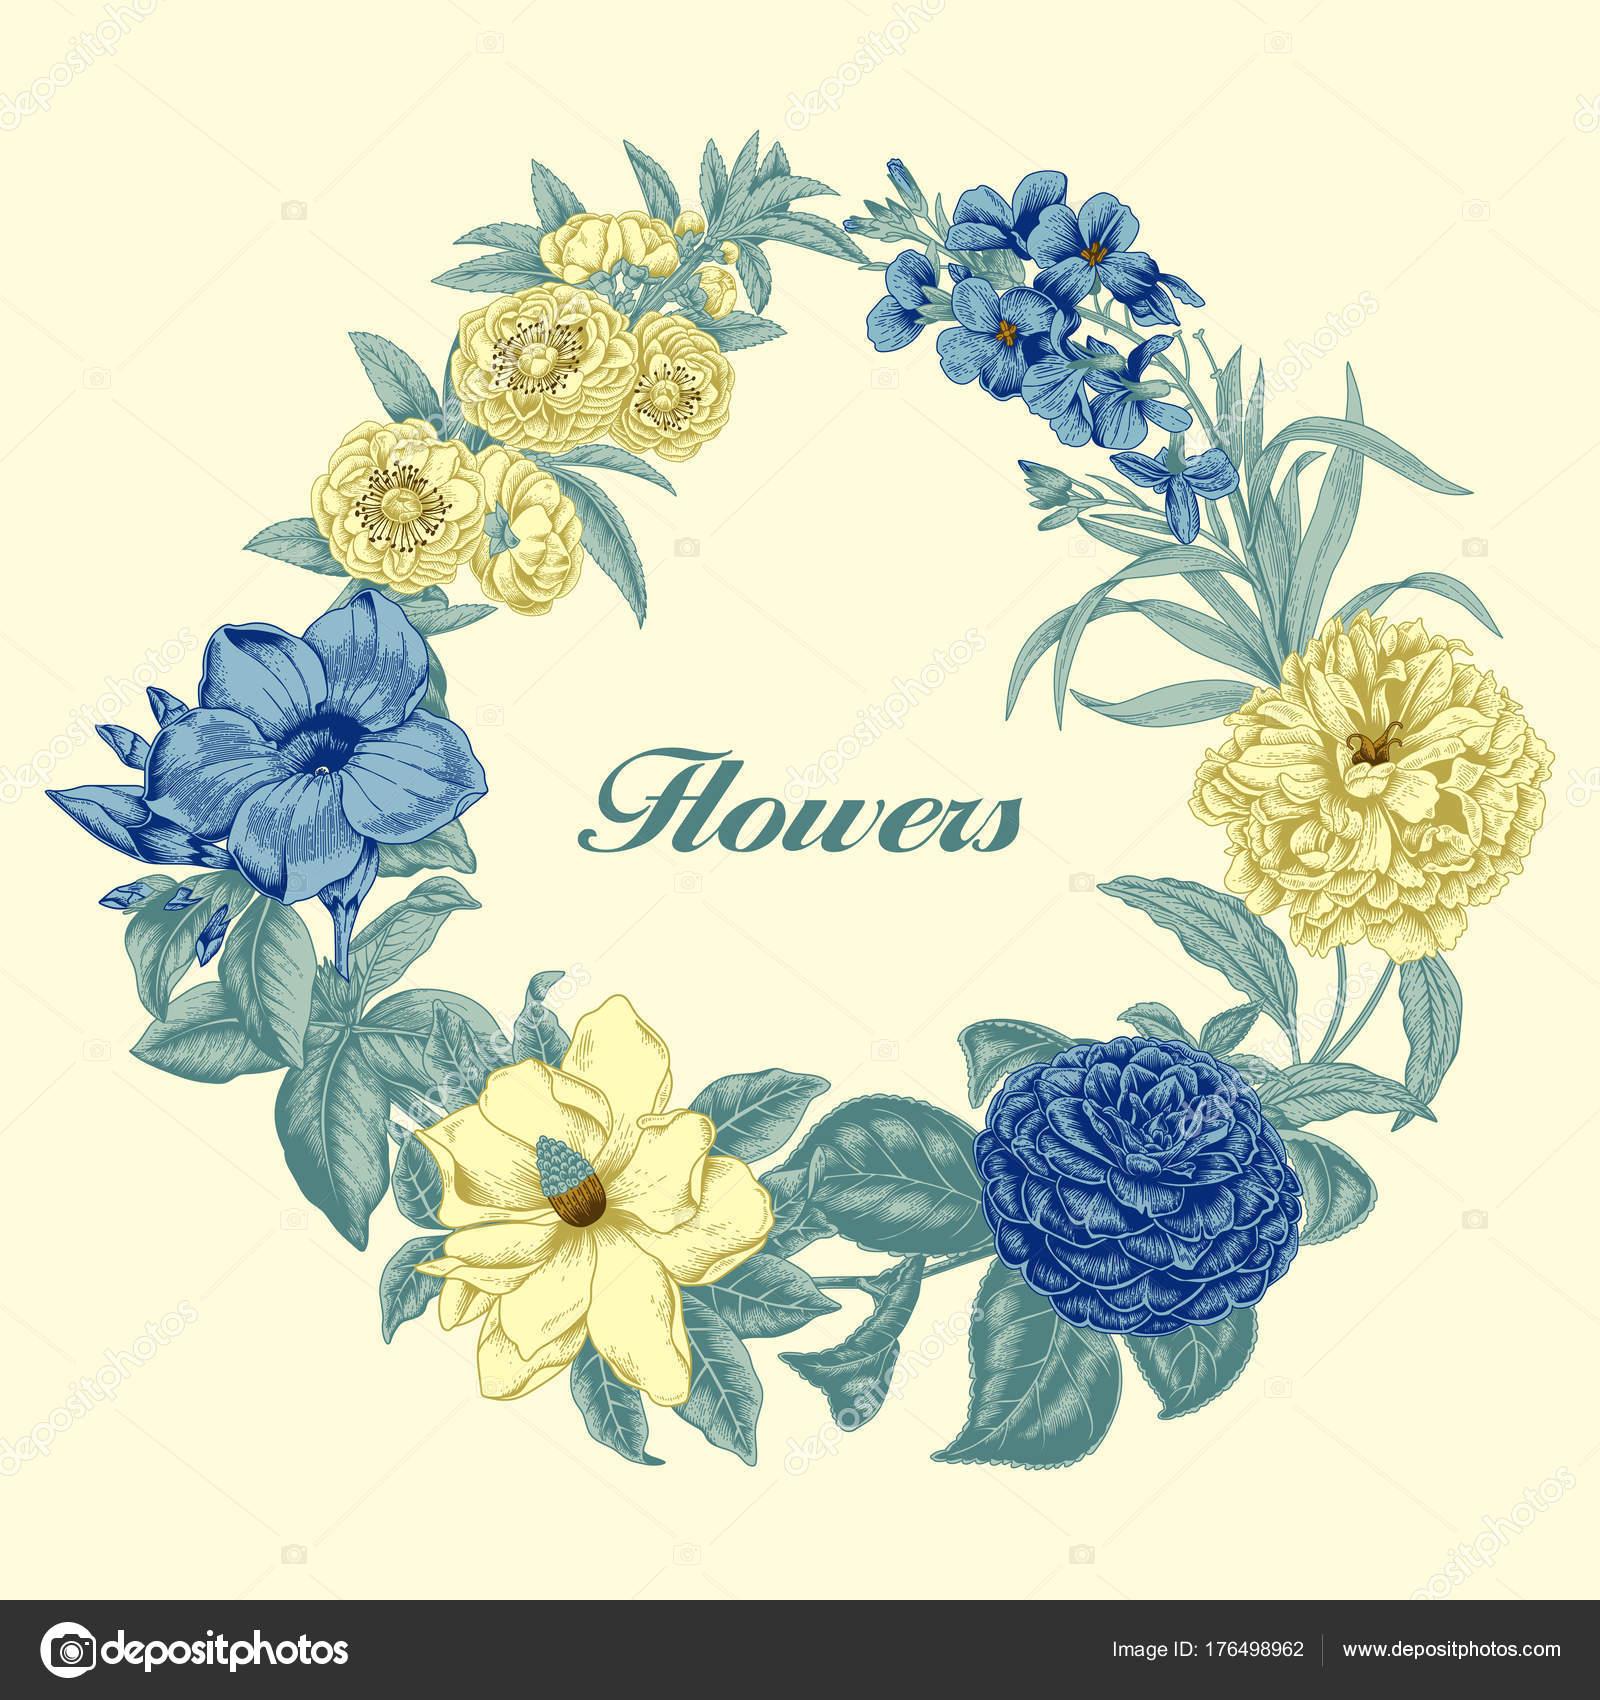 ビンテージ スタイルの古典的なポストカード 植物のイラスト 花飾り